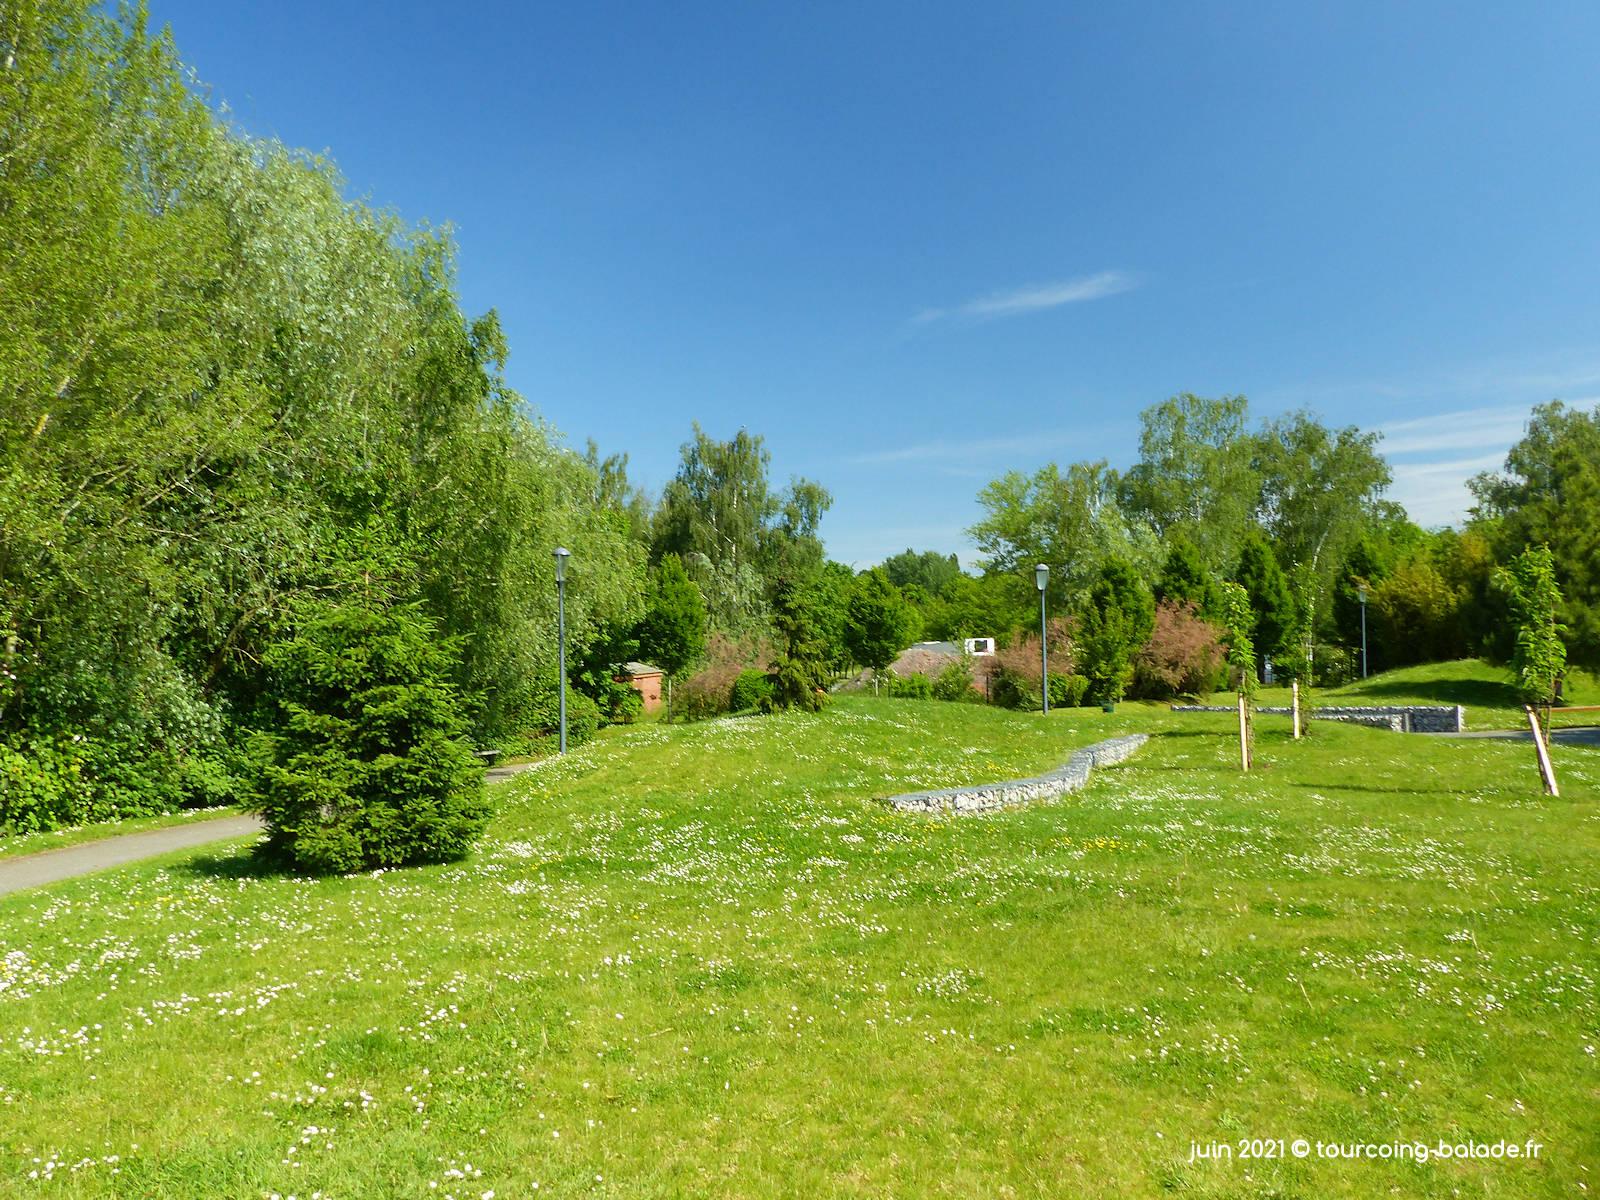 Parc Monplaisir, Marcq-en-Baroeul